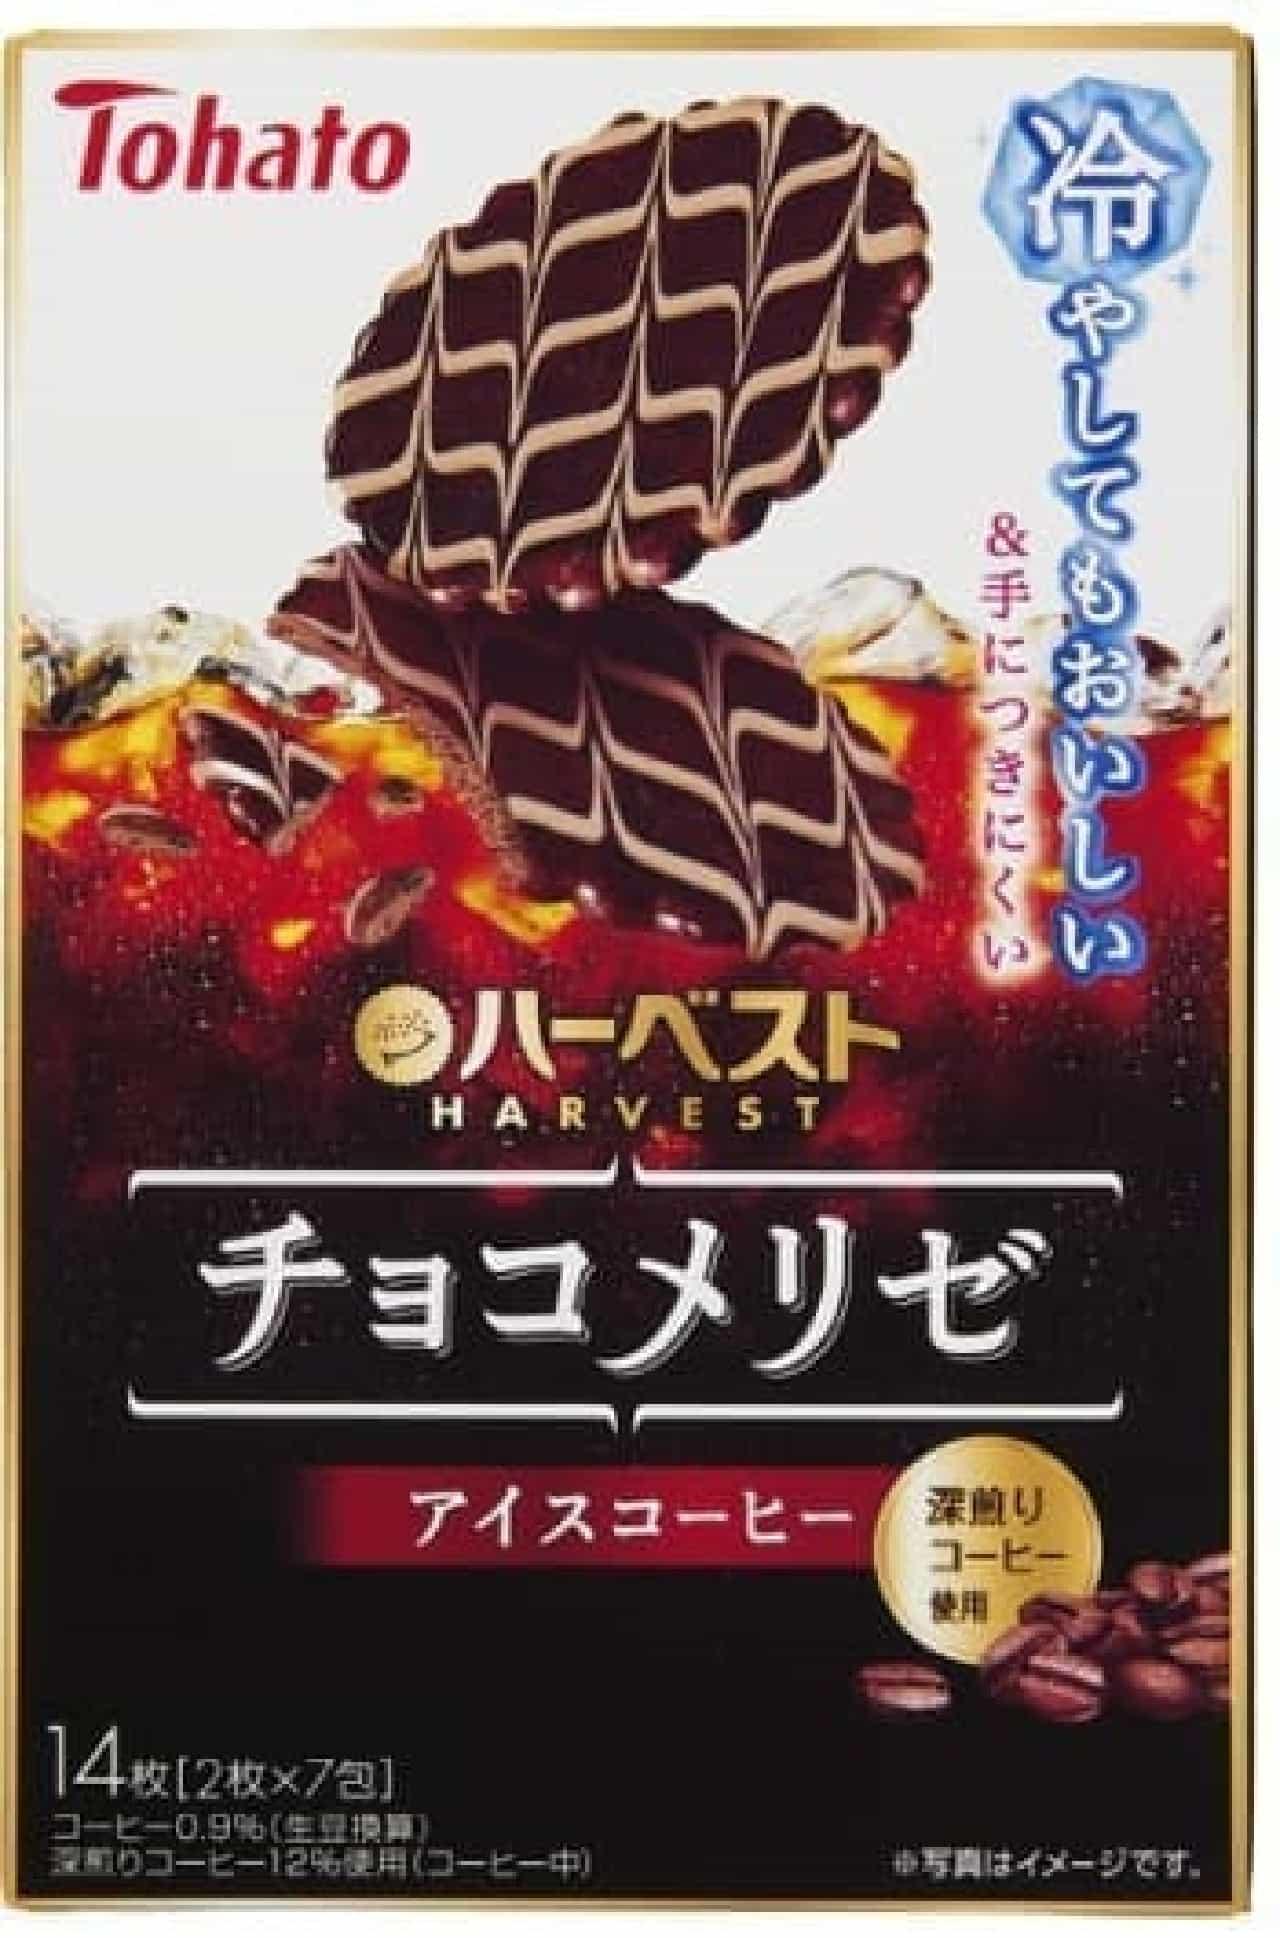 東ハト「ハーベストチョコメリゼ・アイスコーヒー」